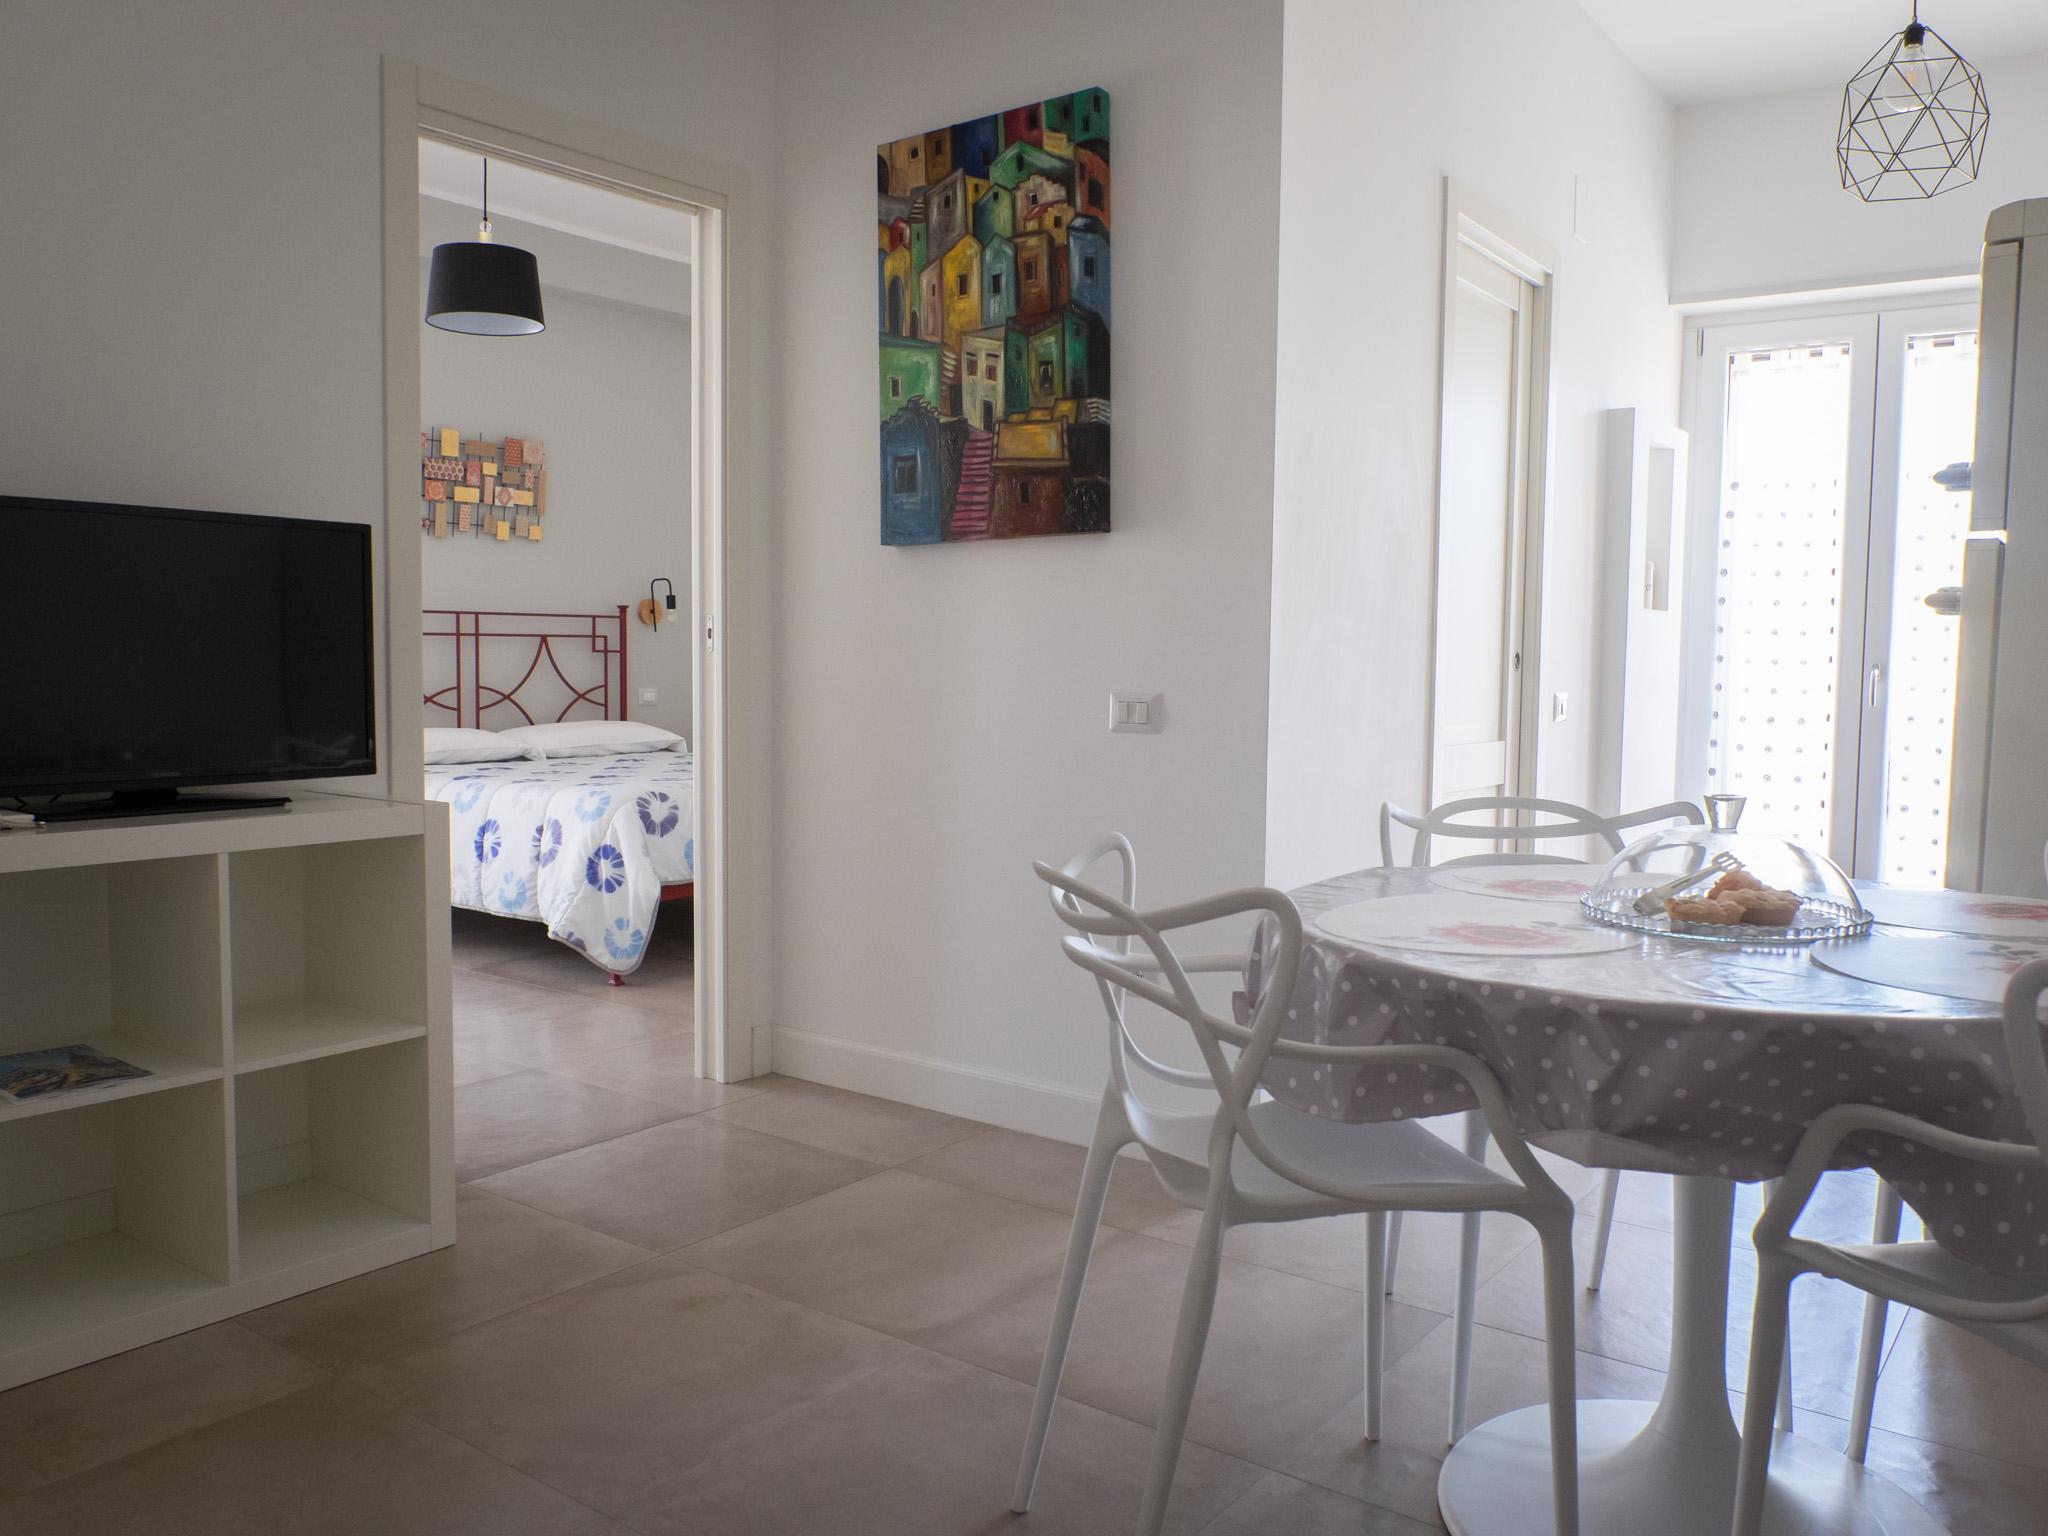 longobardi apartments la-casa-dei-nonni-casa-vacanze-bb-camere-dormire-sassi-di-matera-basilicata-70